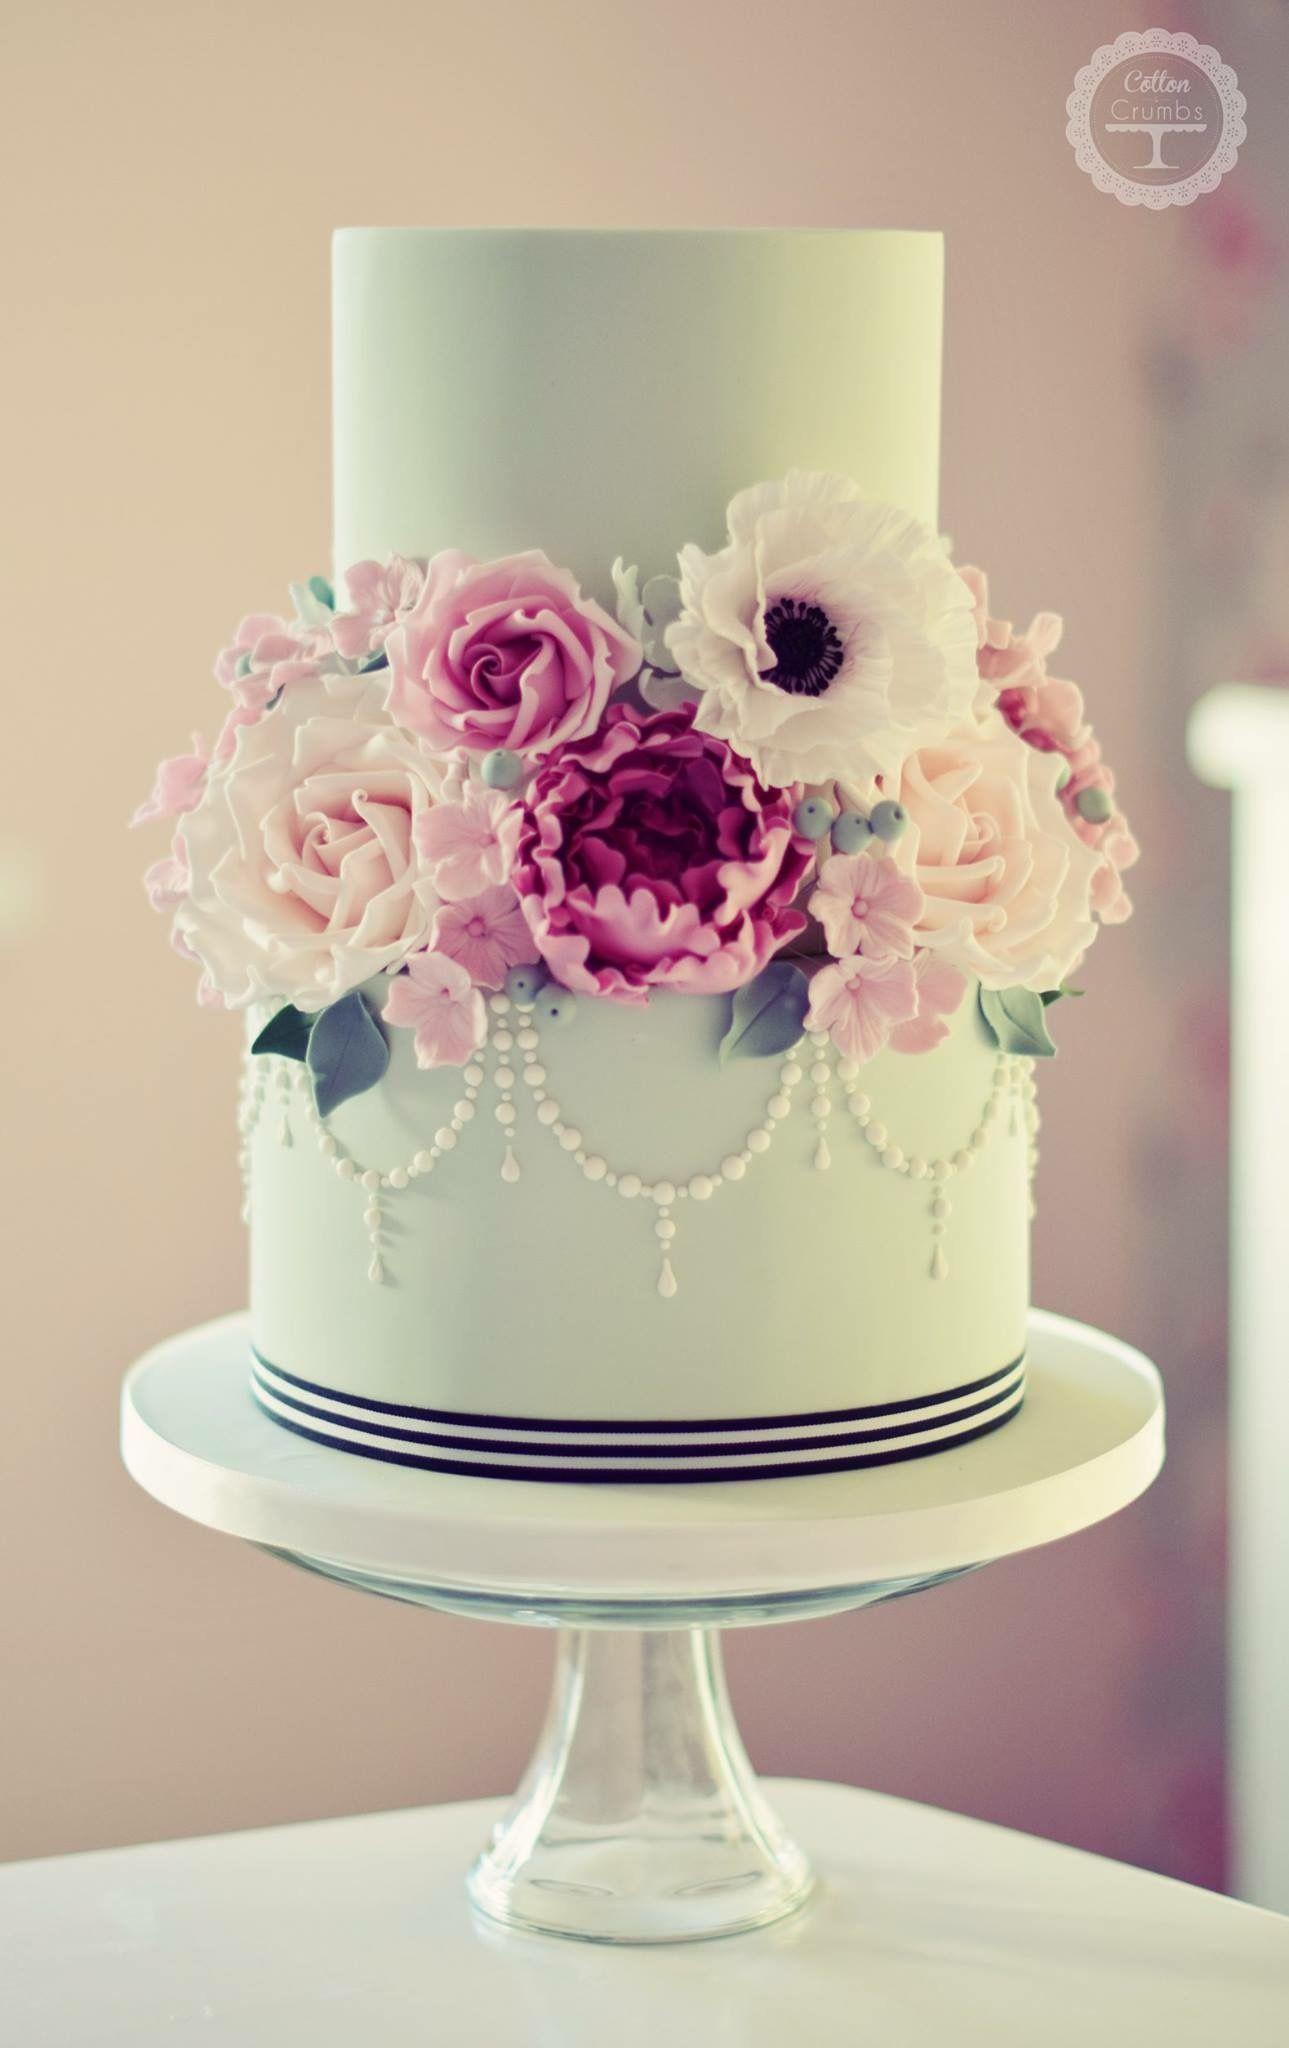 pin von cakecelebrations auf wedding cakes in 2018 pinterest kuchen hochzeitstorte und. Black Bedroom Furniture Sets. Home Design Ideas